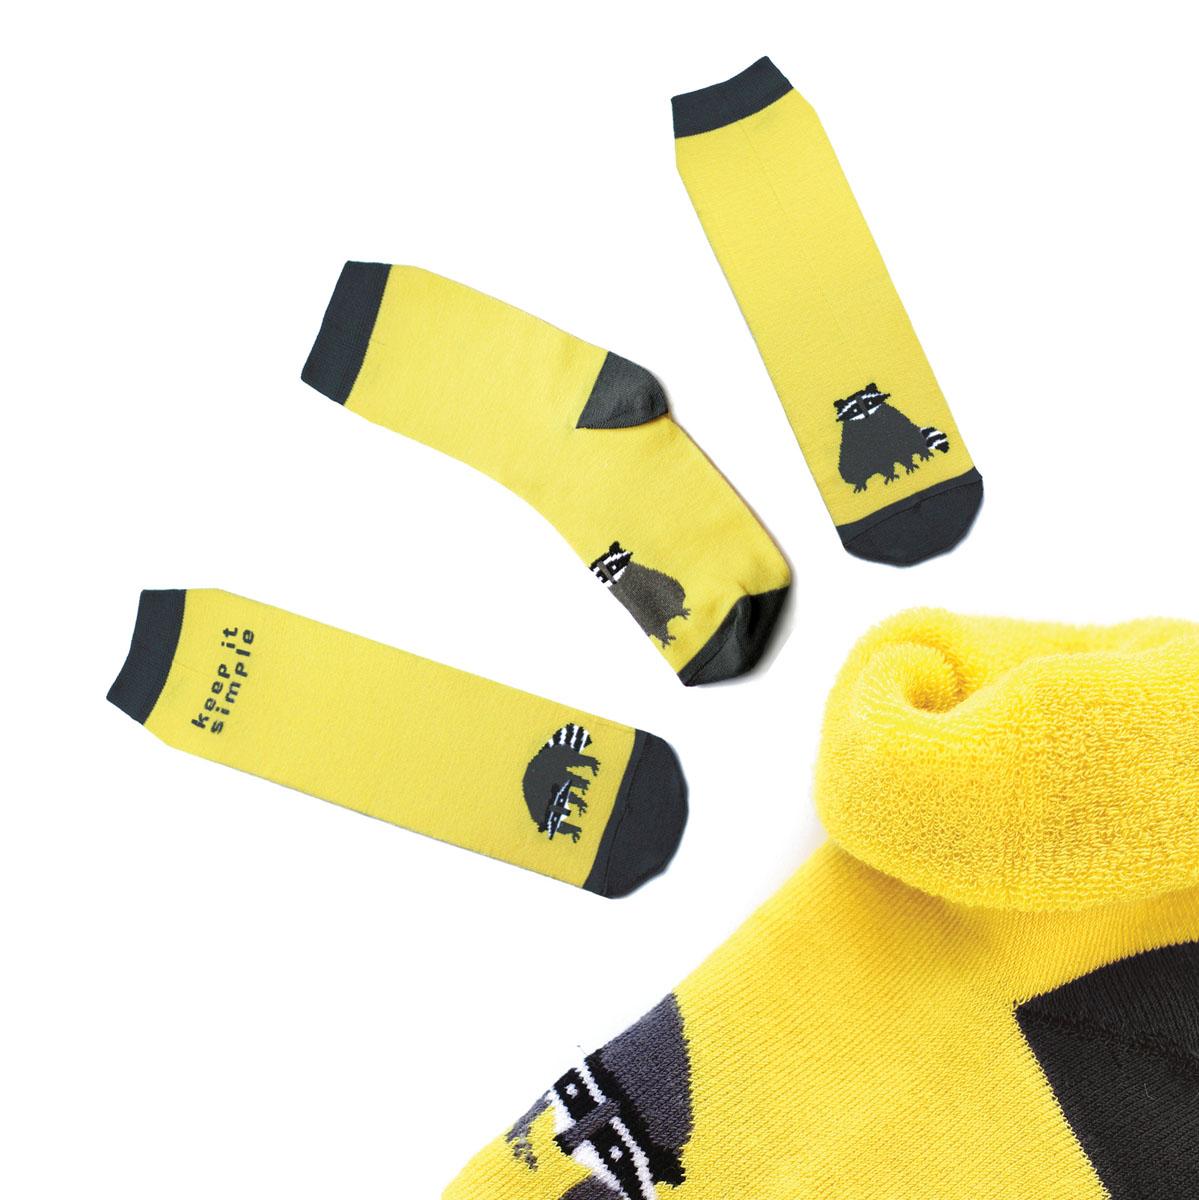 Носки мужские Big Bang Socks Енот, махровые, цвет: желтый, черный. a123. Размер 40/44a123Мужские махровые носки Big Bang Socks изготовлены из высококачественного хлопка с добавлением полиамидных и эластановых волокон, которые обеспечивают великолепную посадку. Носки отличаются ярким стильным дизайном, они оформлены изображением енота и надписью: Keep it simple. Удобная широкая резинка идеально облегает ногу и не пережимает сосуды, усиленные пятка и мысок повышают износоустойчивость носка, а удлиненный паголенок придает более эстетичный вид. Дизайнерские носки Big Bang Socks - яркая деталь в вашем образе и оригинальный подарок для друзей и близких.